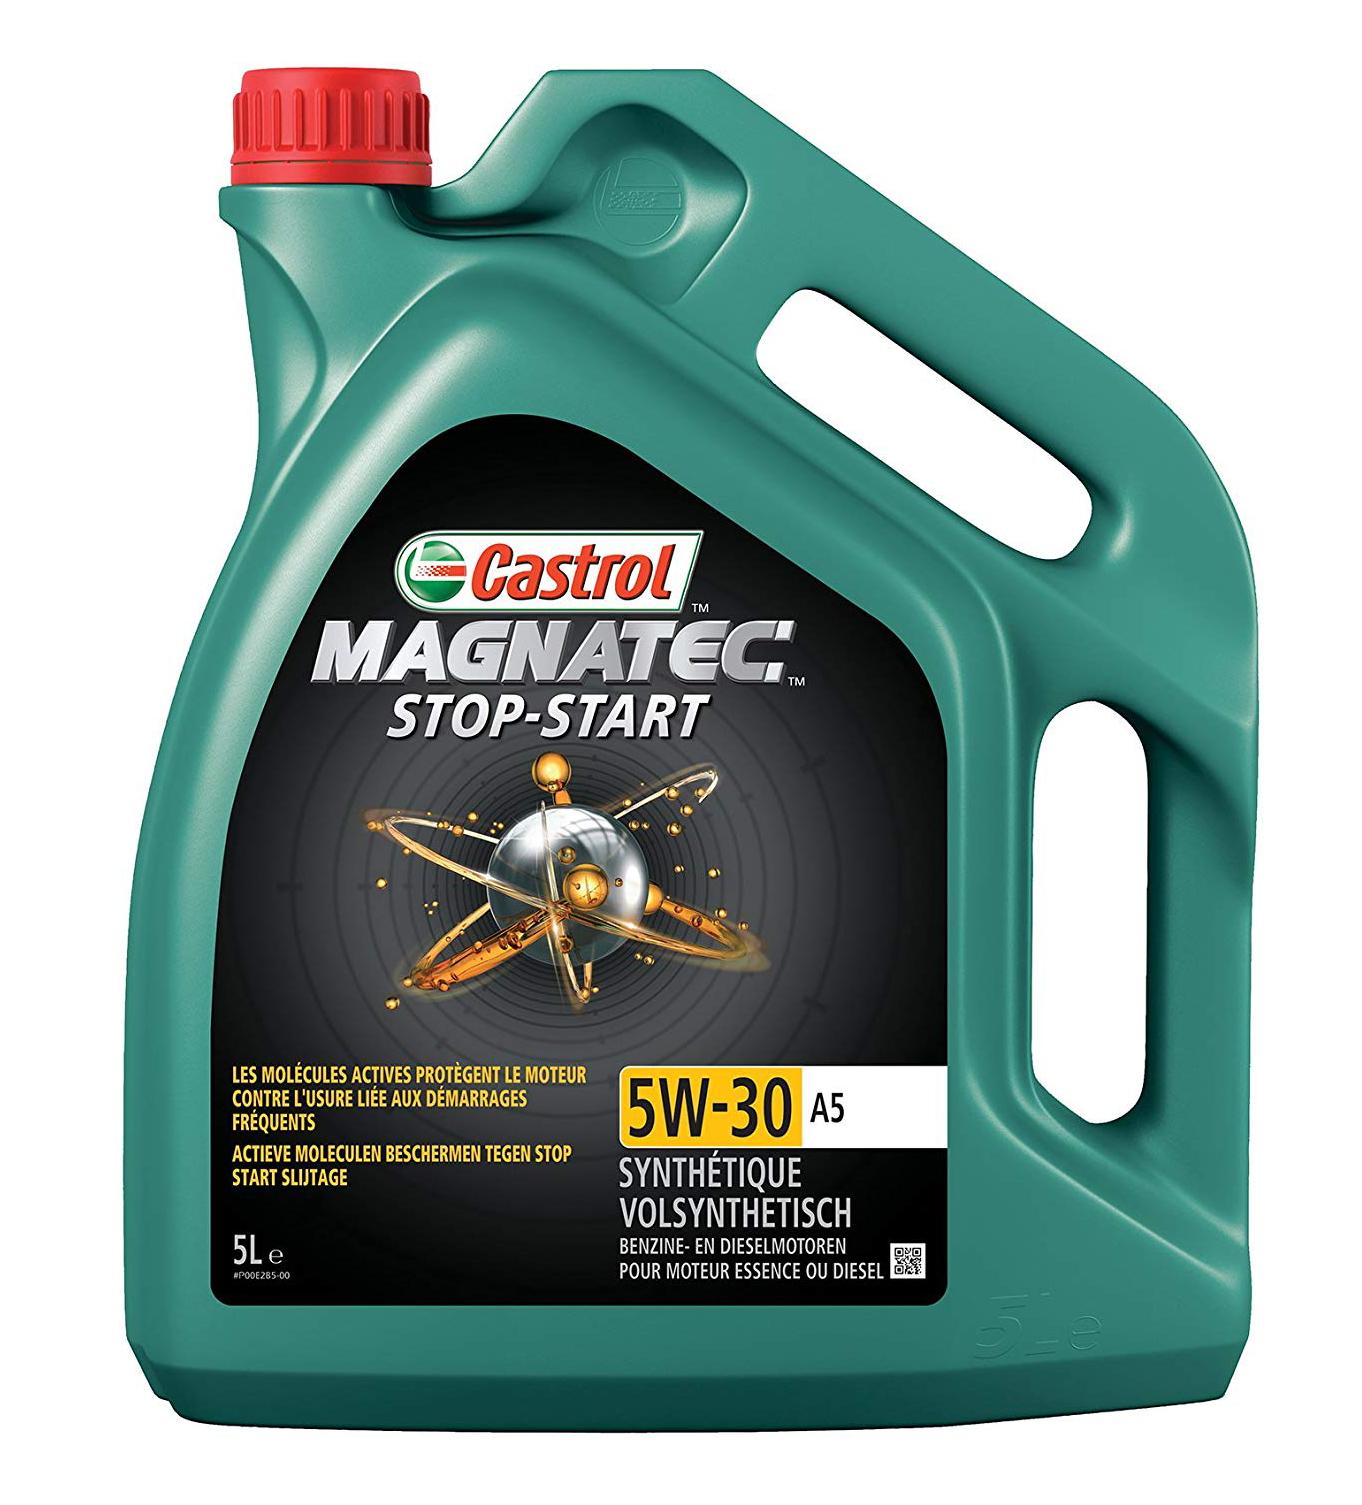 [CDAV] Huile Moteur Castrol Magnatec Stop-Start 5 W-30 A5 1845053 159B9B - 5L